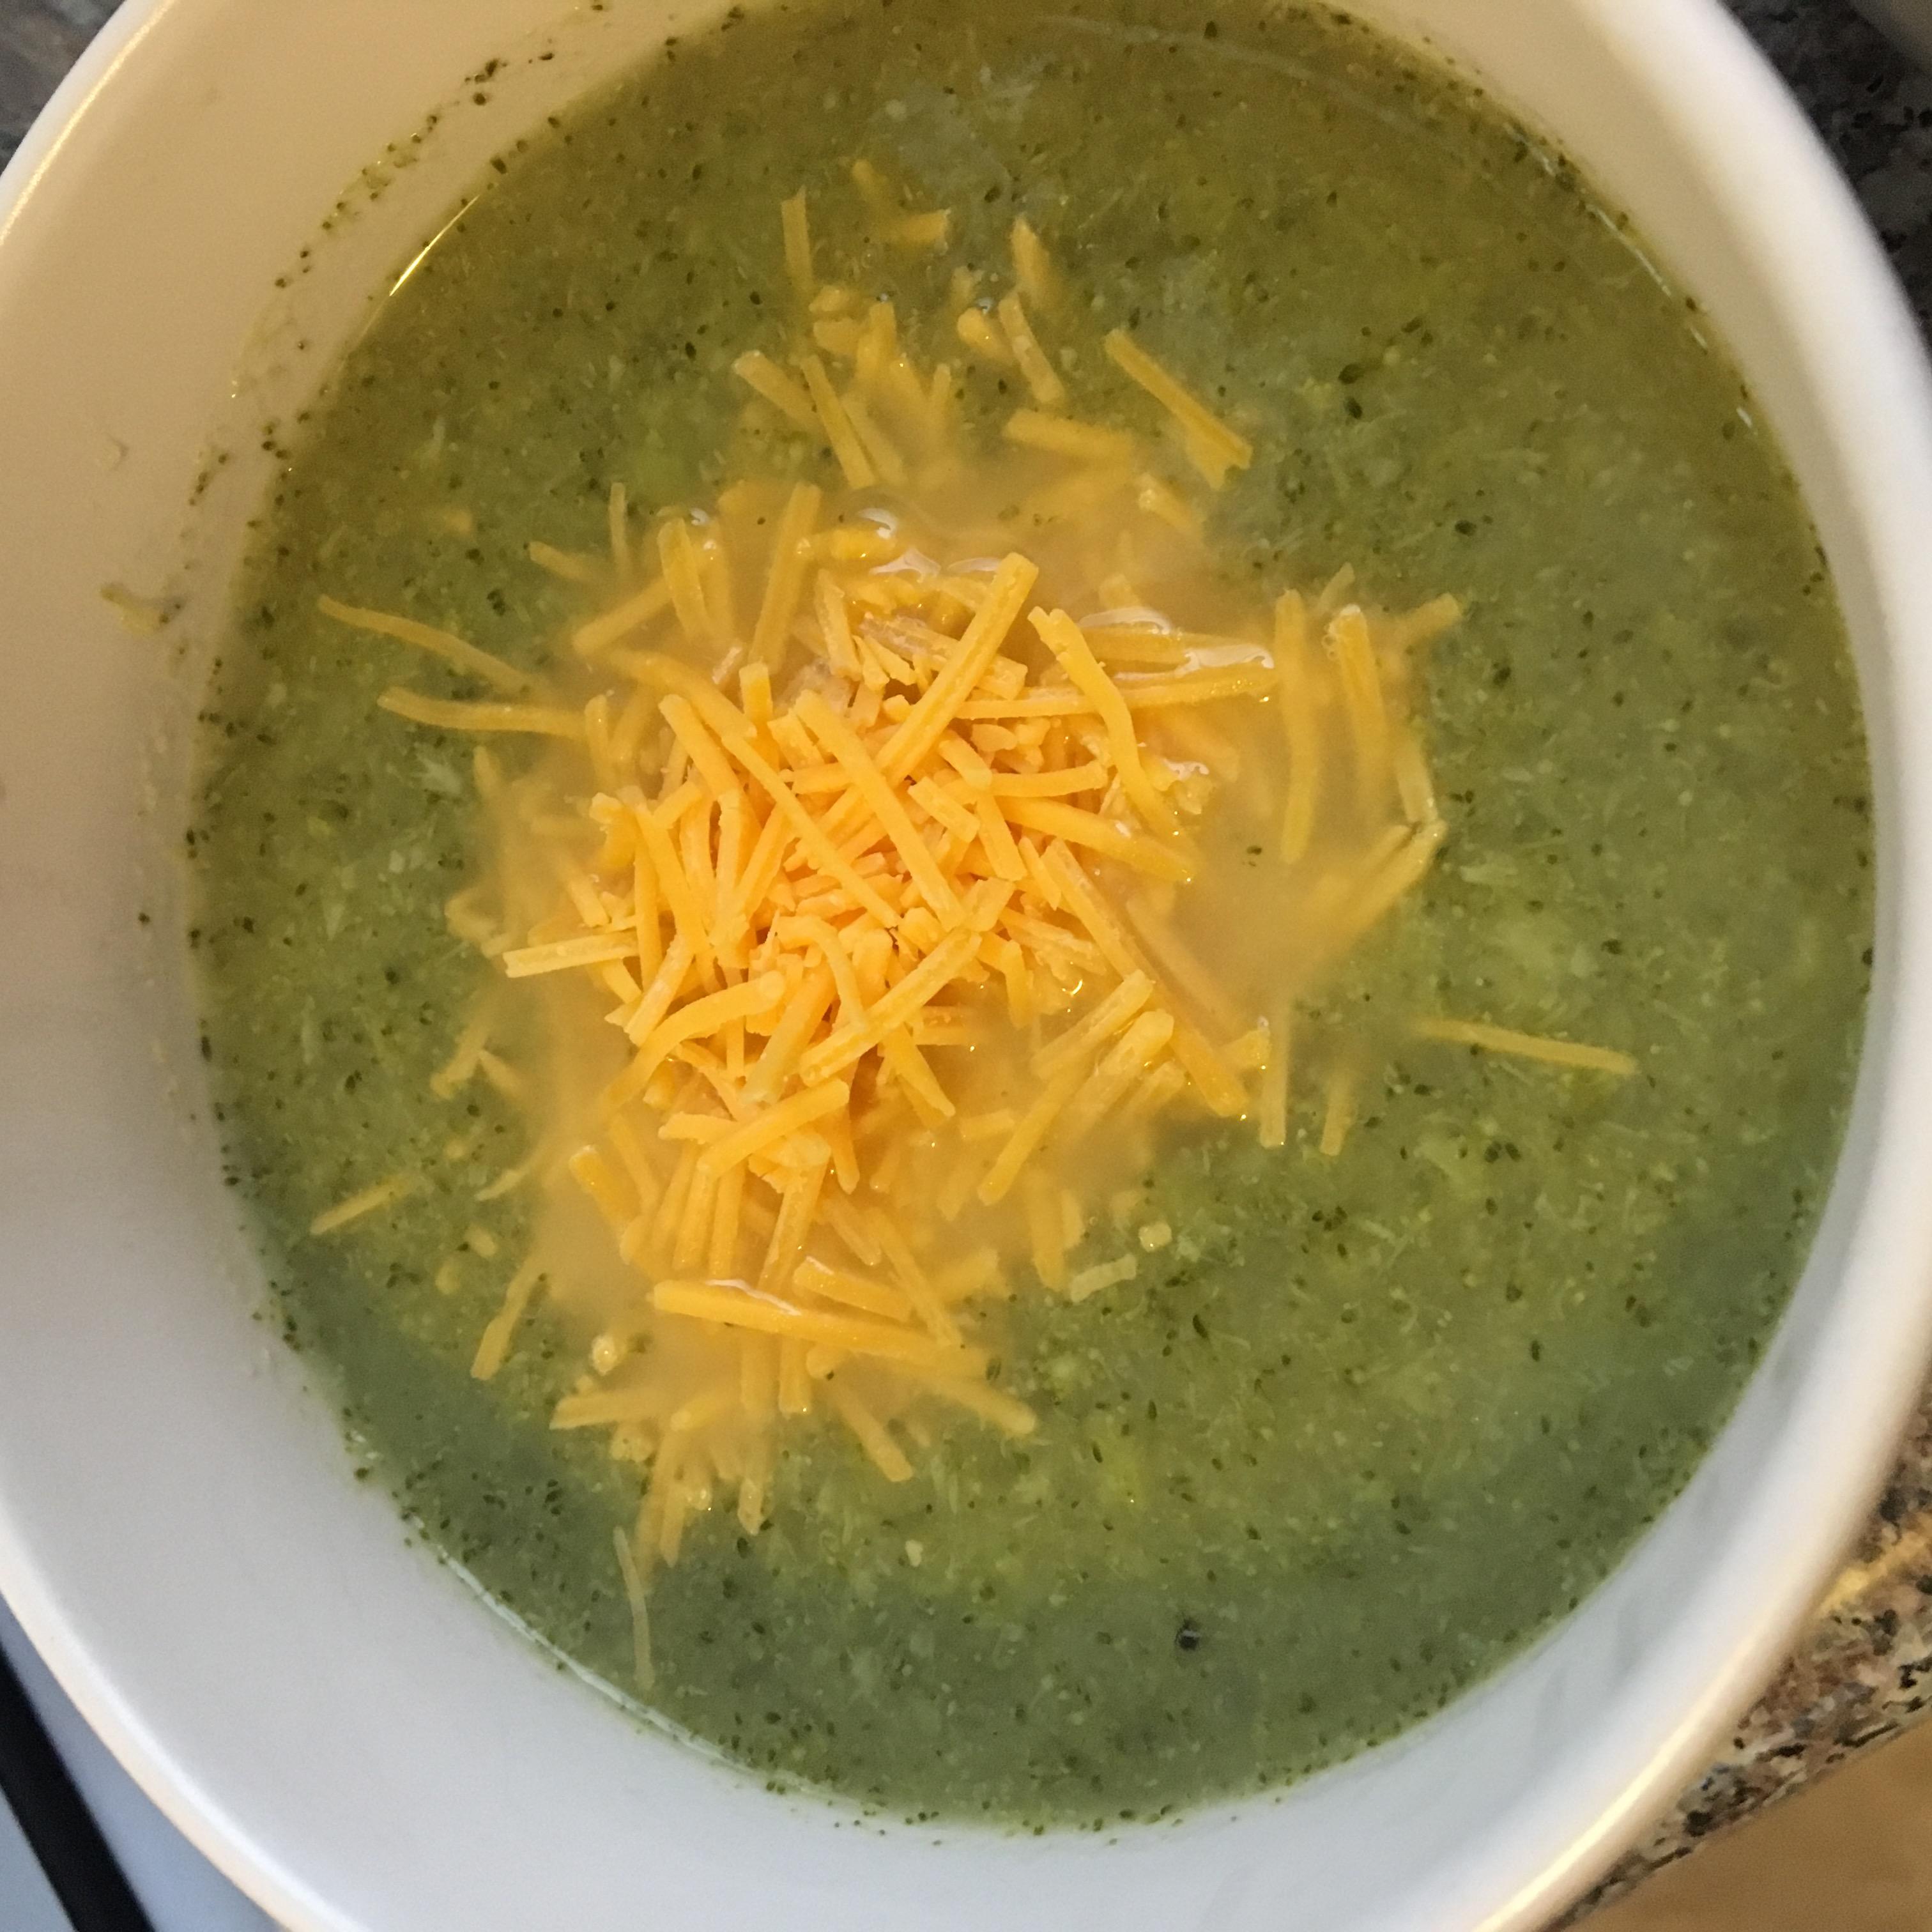 Low Carb Broccoli Soup M. Cricket